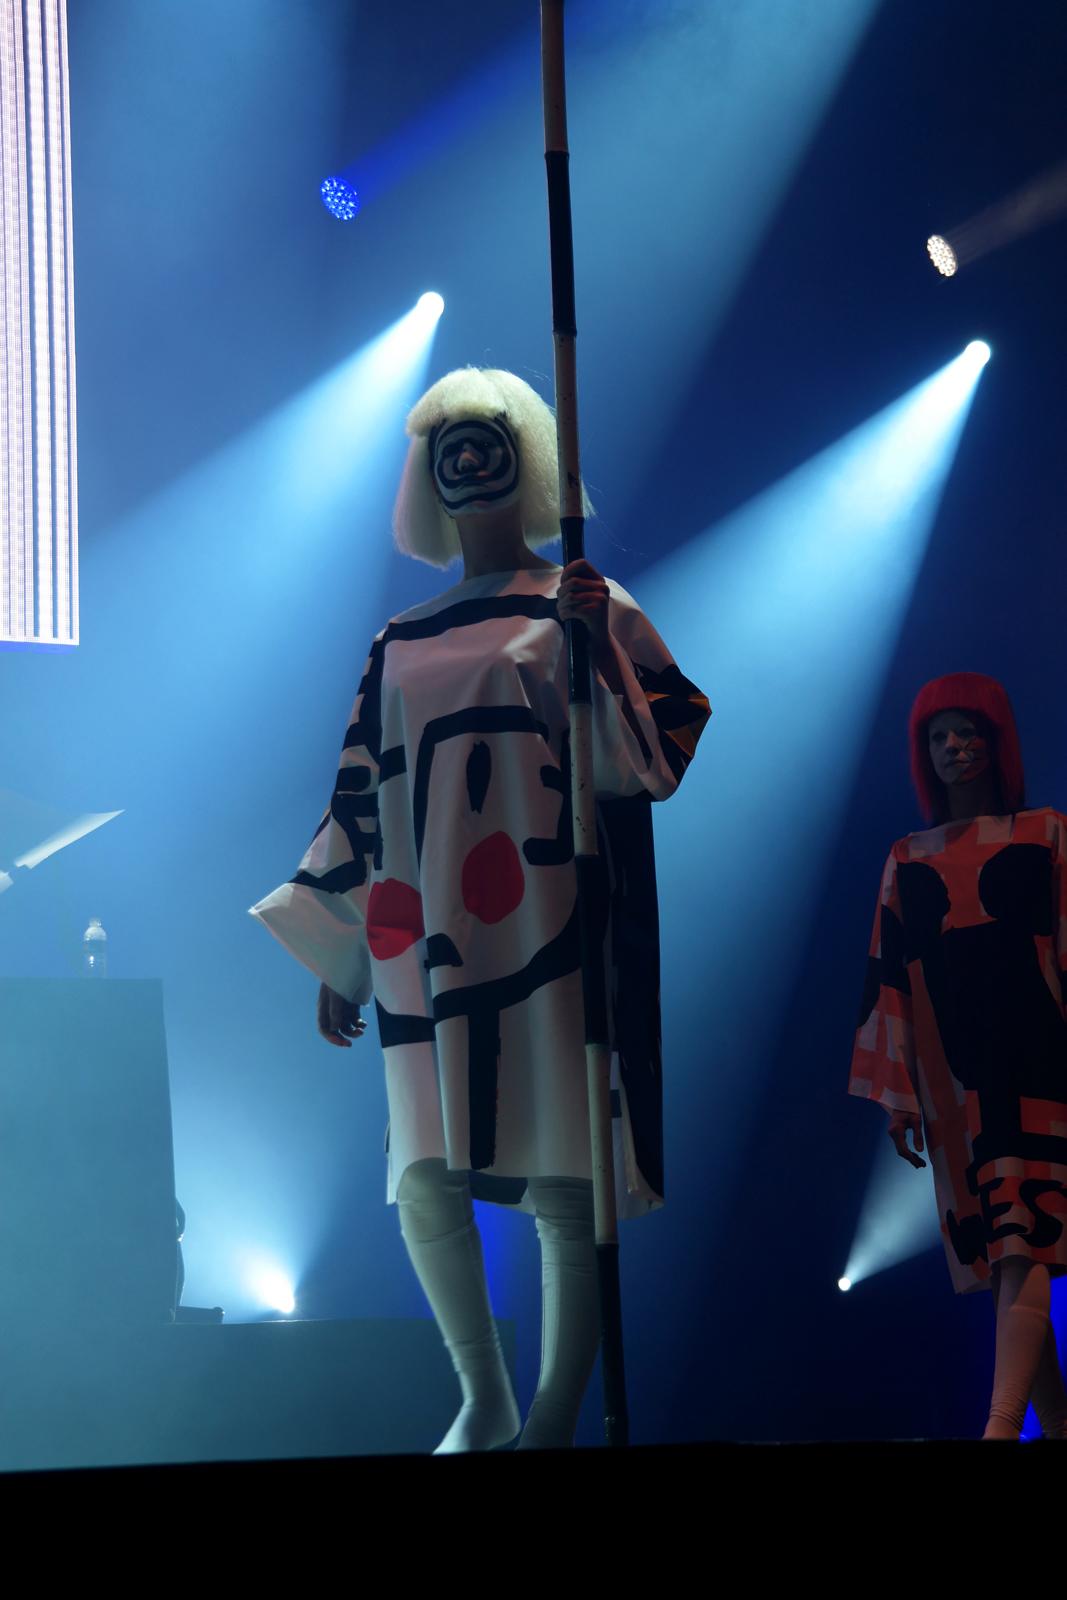 Jean Charles de Castelbajac scène sepctacle Fantomes création mode et musique mannequin art rock 2015 festival saint brieuc photo by United States of Paris blog